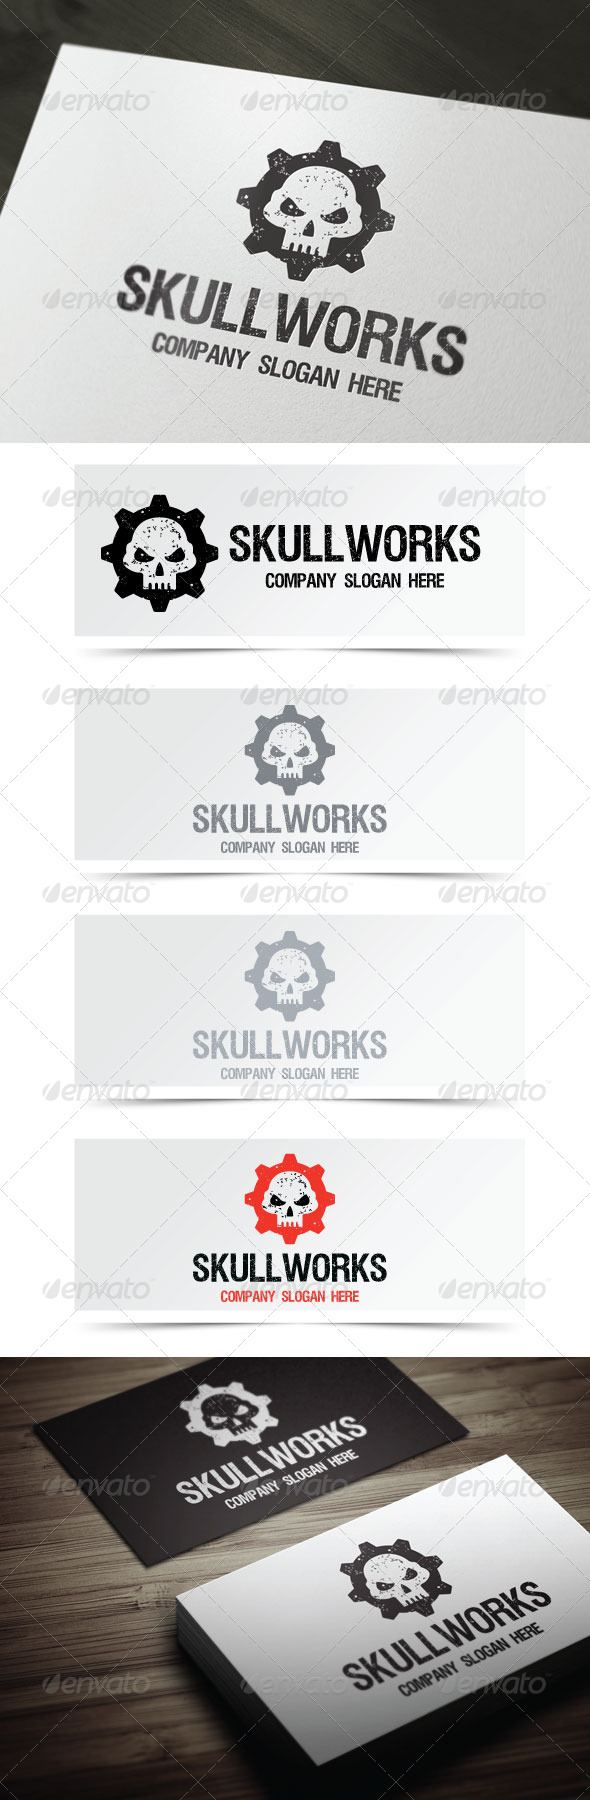 Skull Works